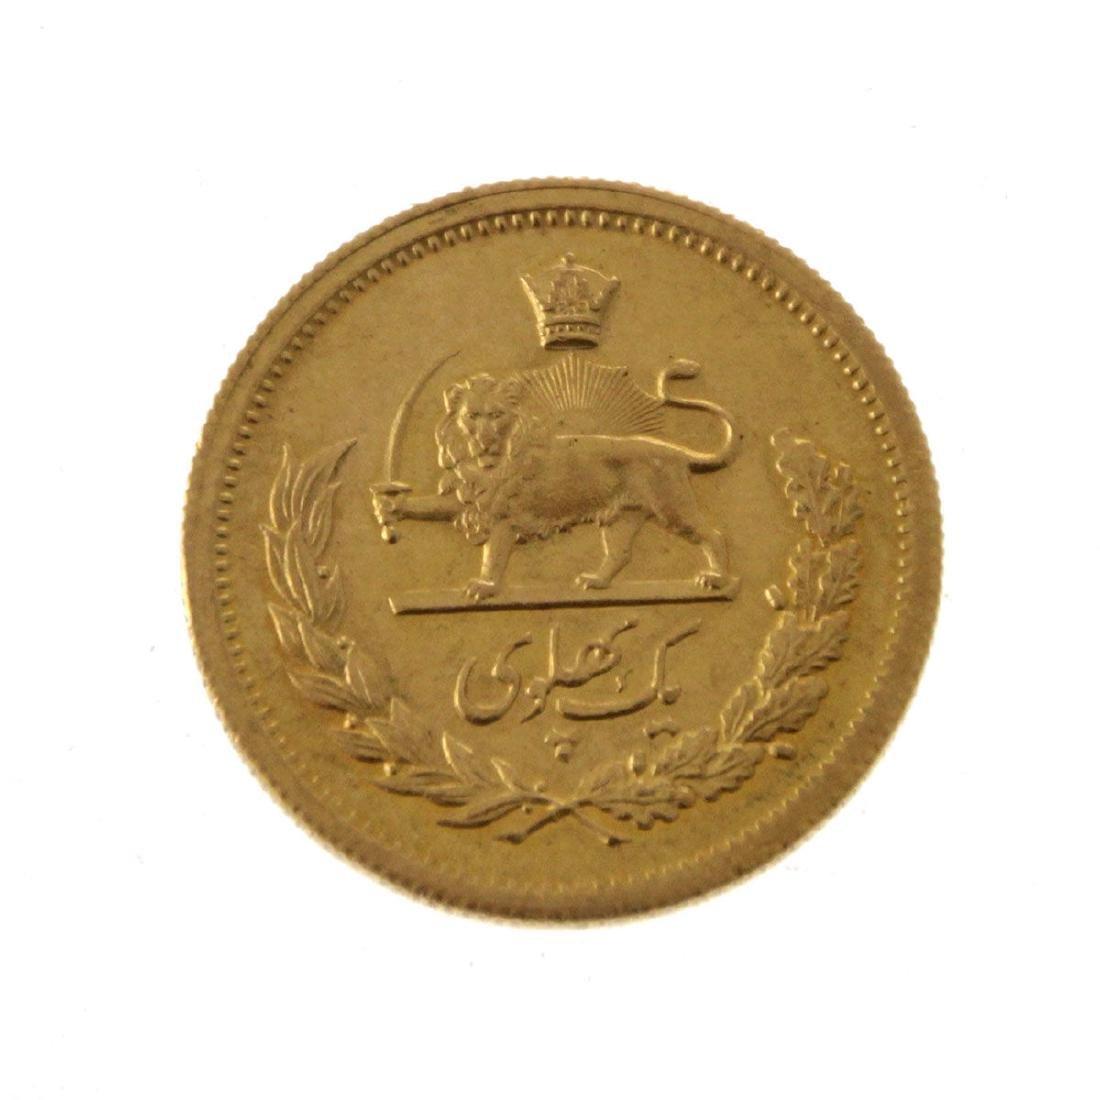 1 Pahlavi Persian Gold Coin, 2536 (1977).